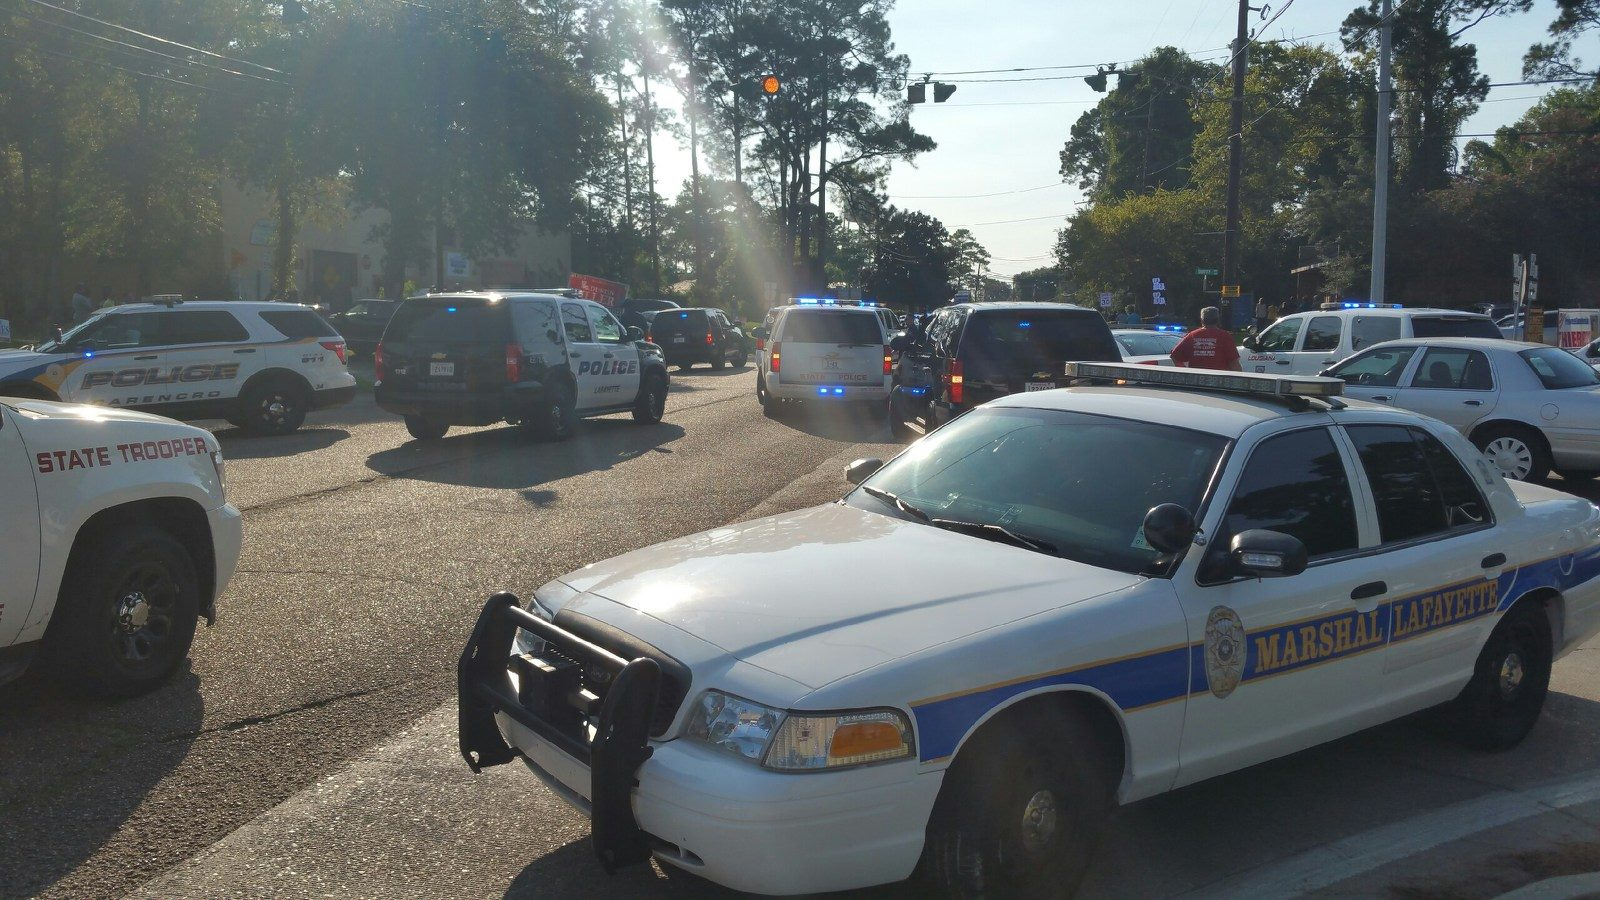 police-cars-in-sunset_1440688781241.jpg